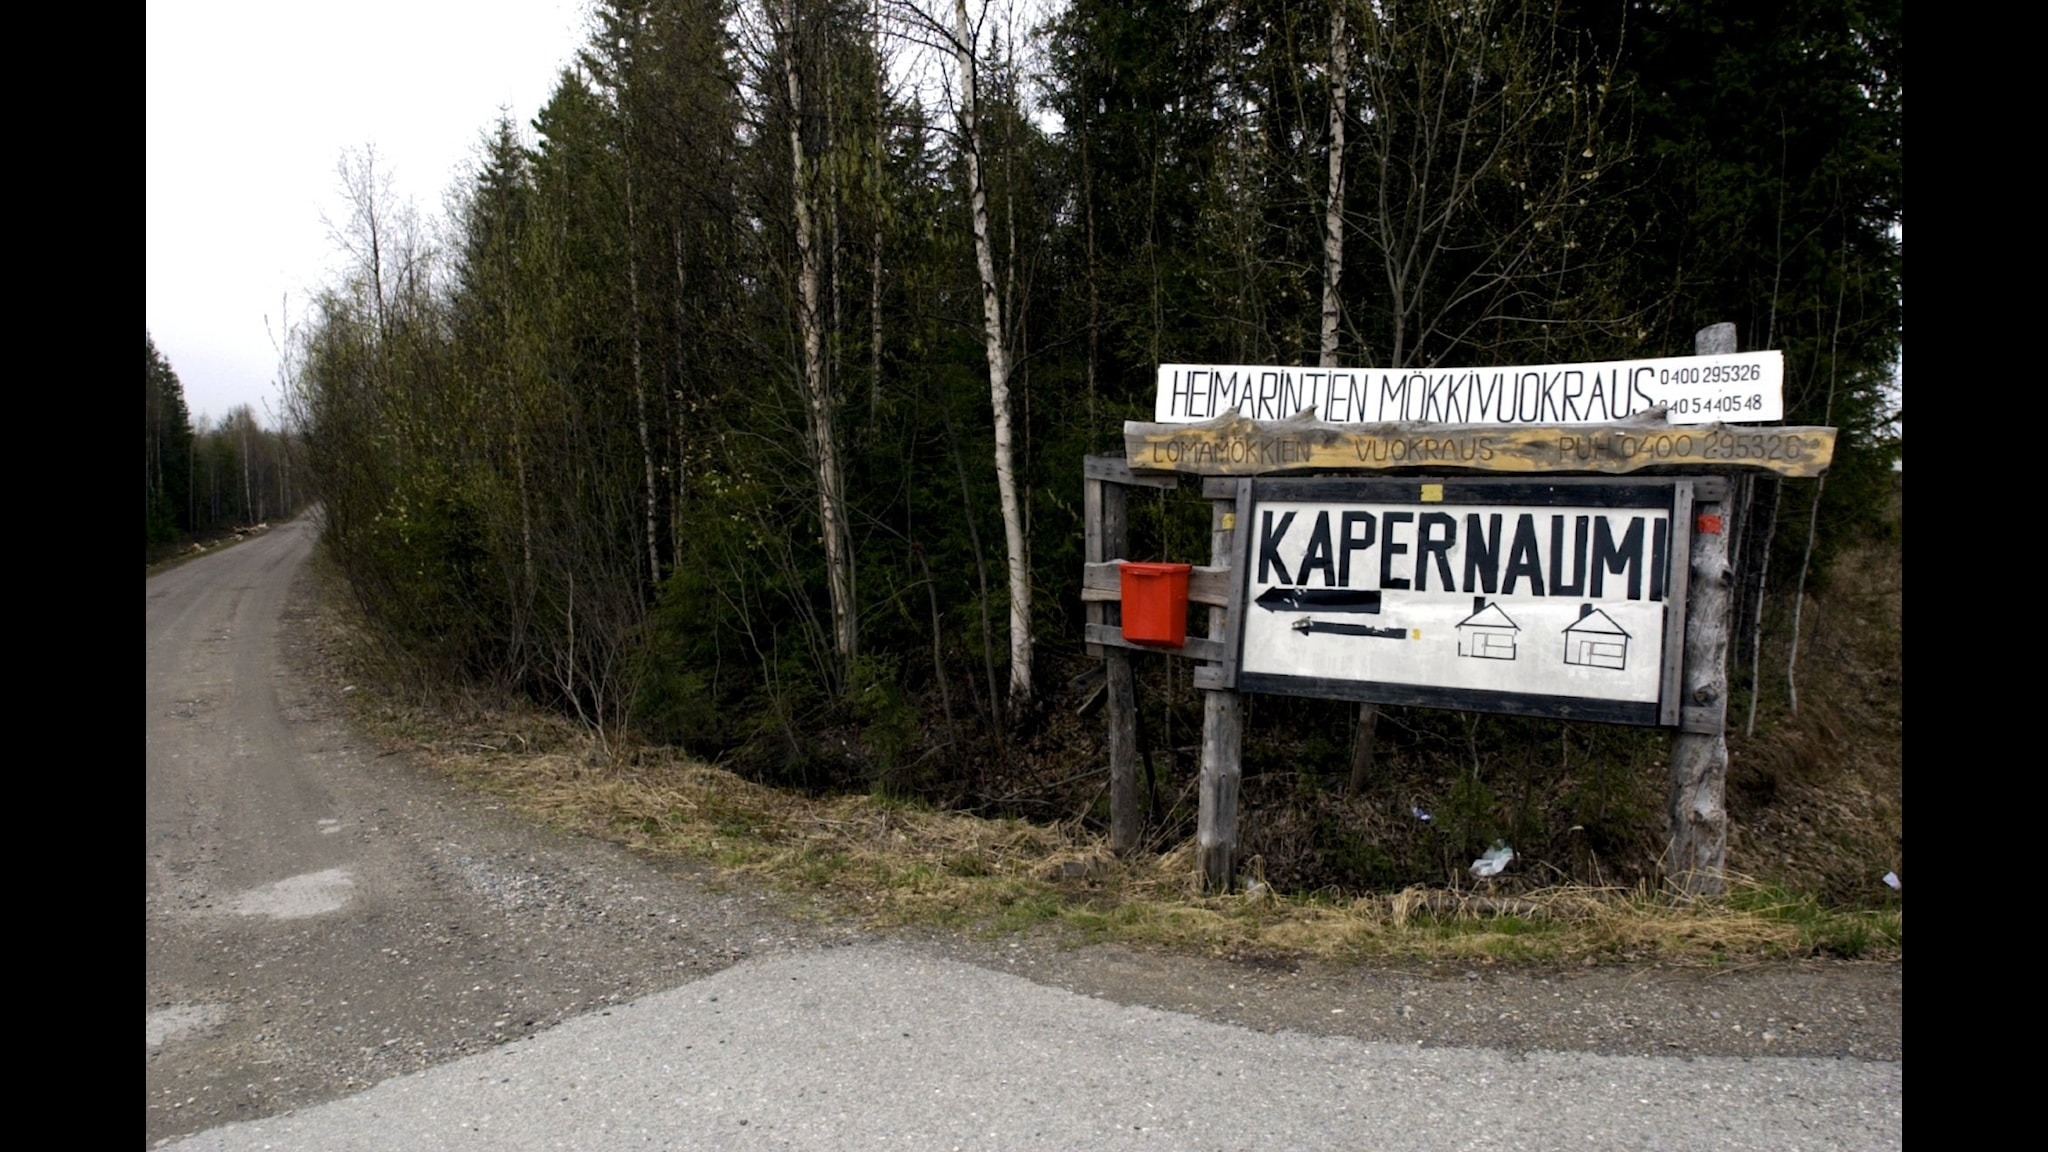 Sex Samlevnadsrdgivning Norrbottens Ln - Hitta